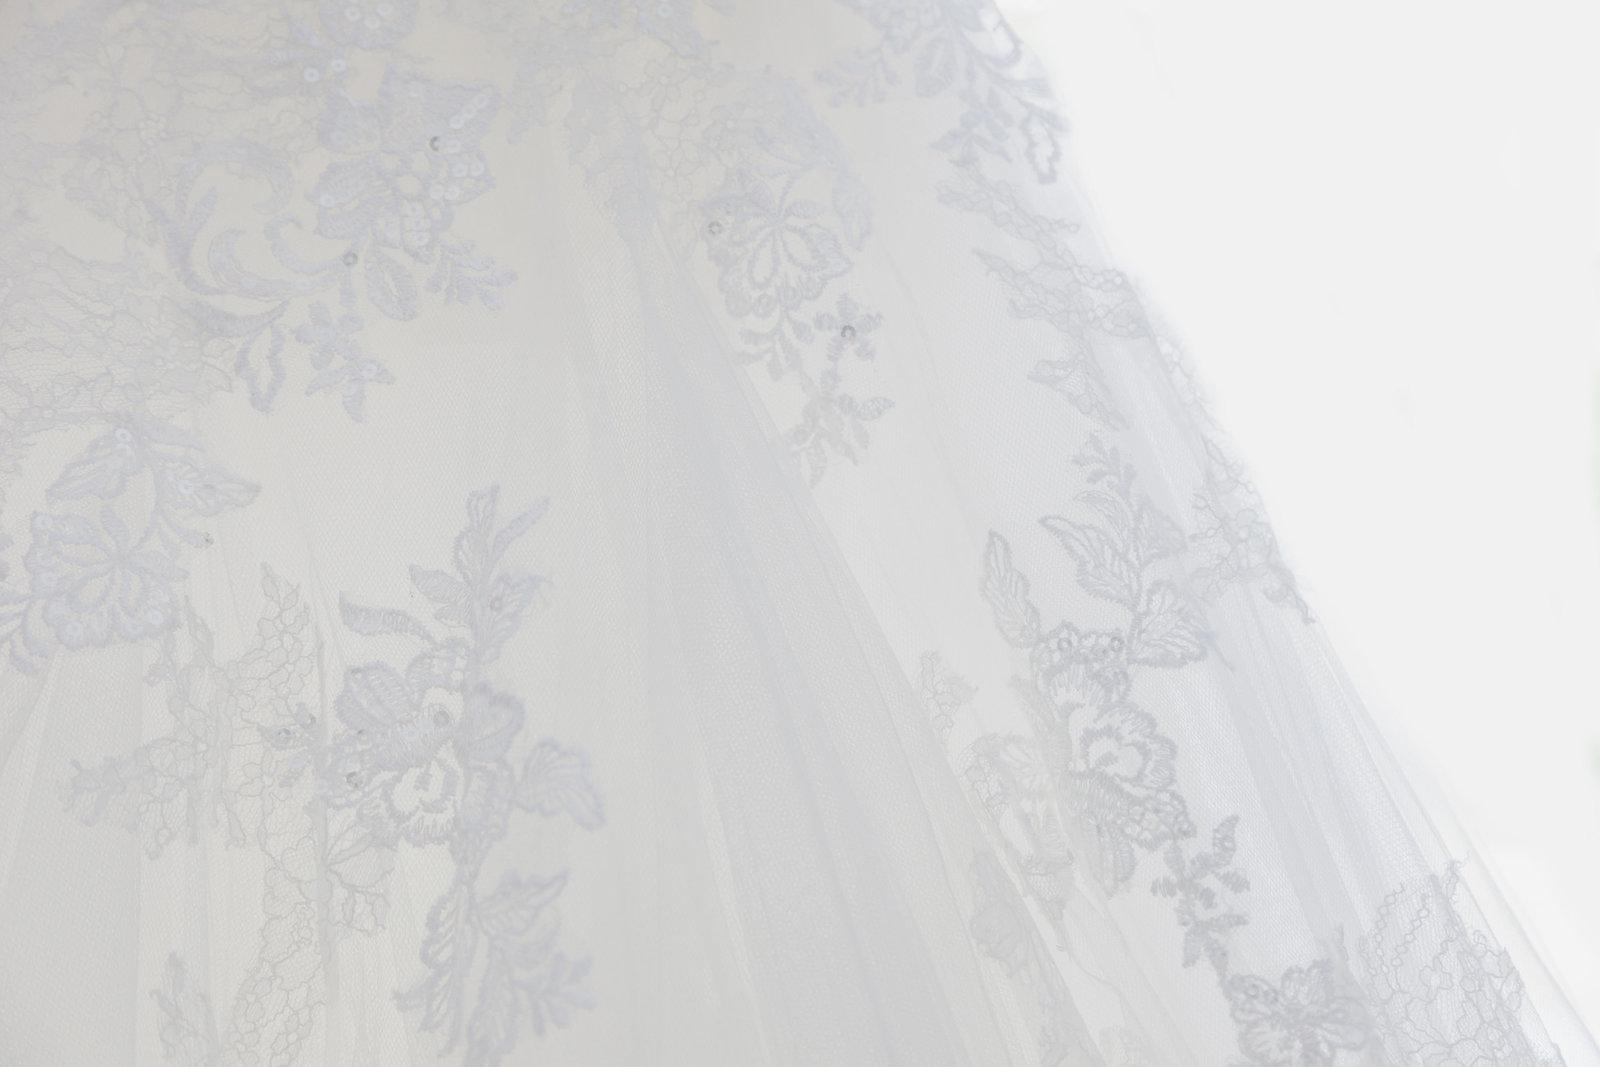 Hochzeit, Brautkleid, Details, Hochzeitsfotograf Bern,  Hochzeitsbilder, Heiraten